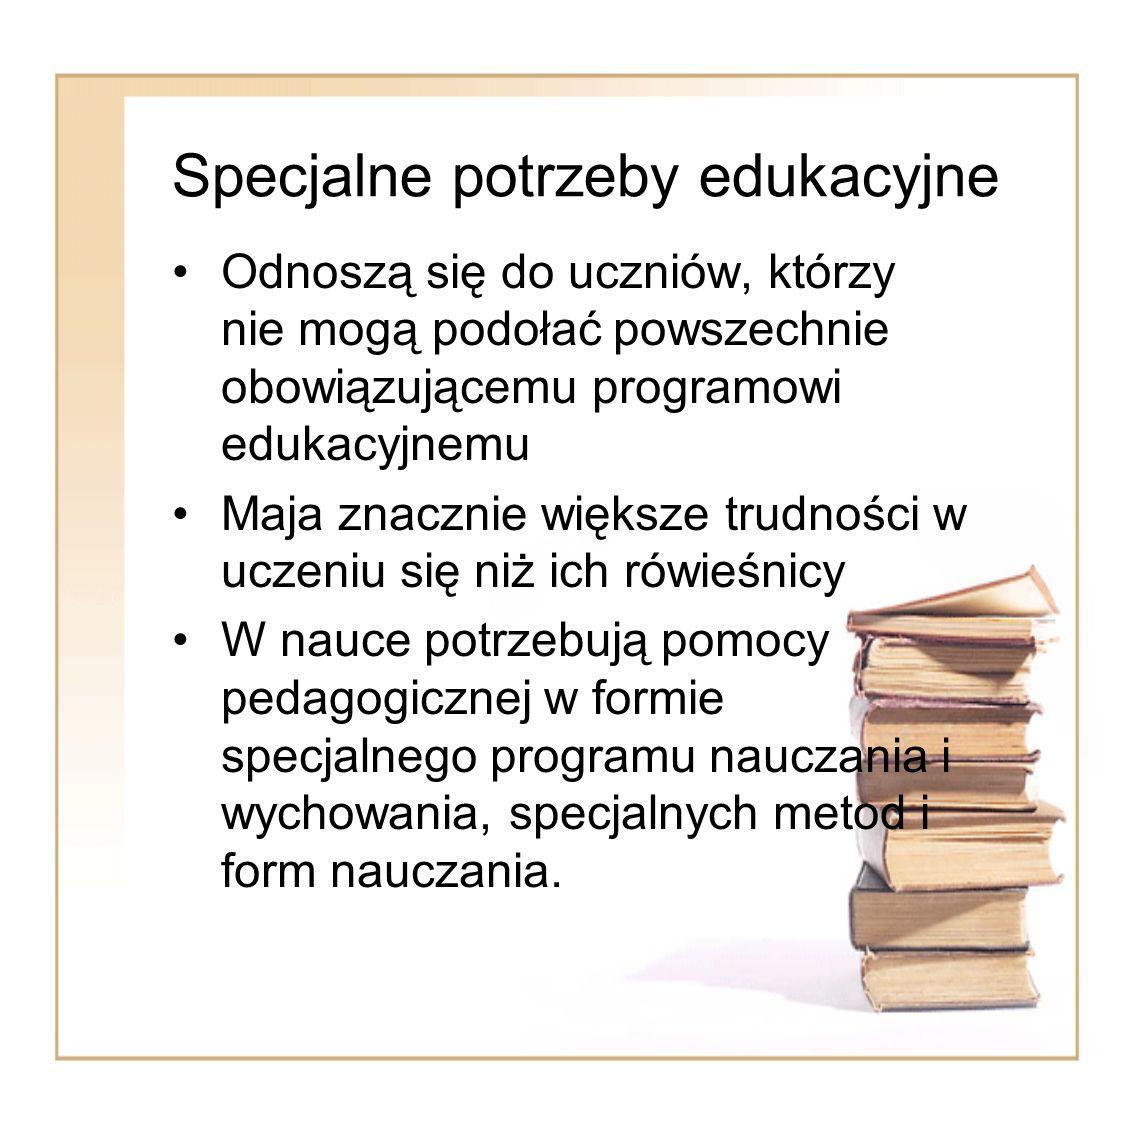 Specjalne potrzeby edukacyjne uczniowie niemówiący w szkole oraz z poważnymi zaburzeniami w komunikacji (opinia) ; uczniowie z zaburzeniami zachowania: zagrożeni niedostosowaniem społecznym, niedostosowani społecznie (orzeczenie – od 1.09.2011 nie do integracji) ; uczniowie zdolni (opinia) ; uczniowie romscy, uczniowie powracający z zagranicy (opinia) ; uczniowie ze specyficznymi trudnościami edukacyjnymi- dysleksja rozwojowa (opinia).